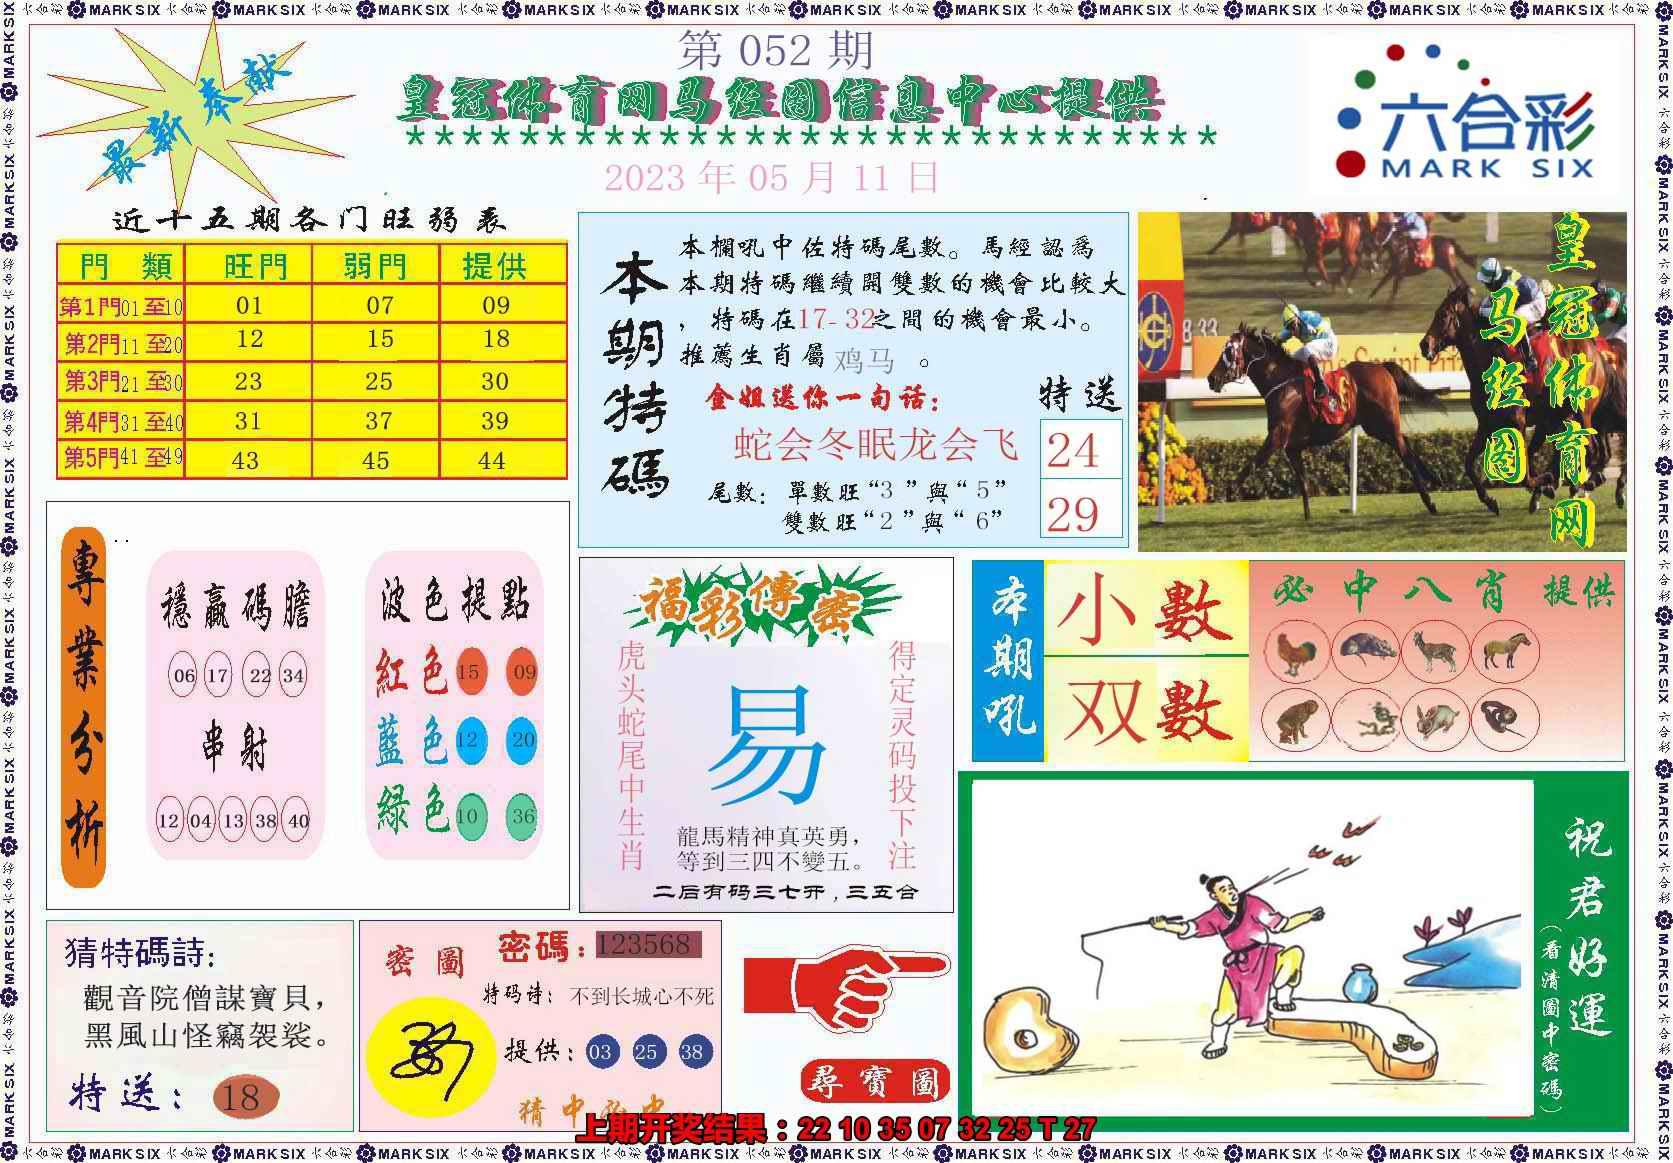 052期皇冠体育网马经图记录